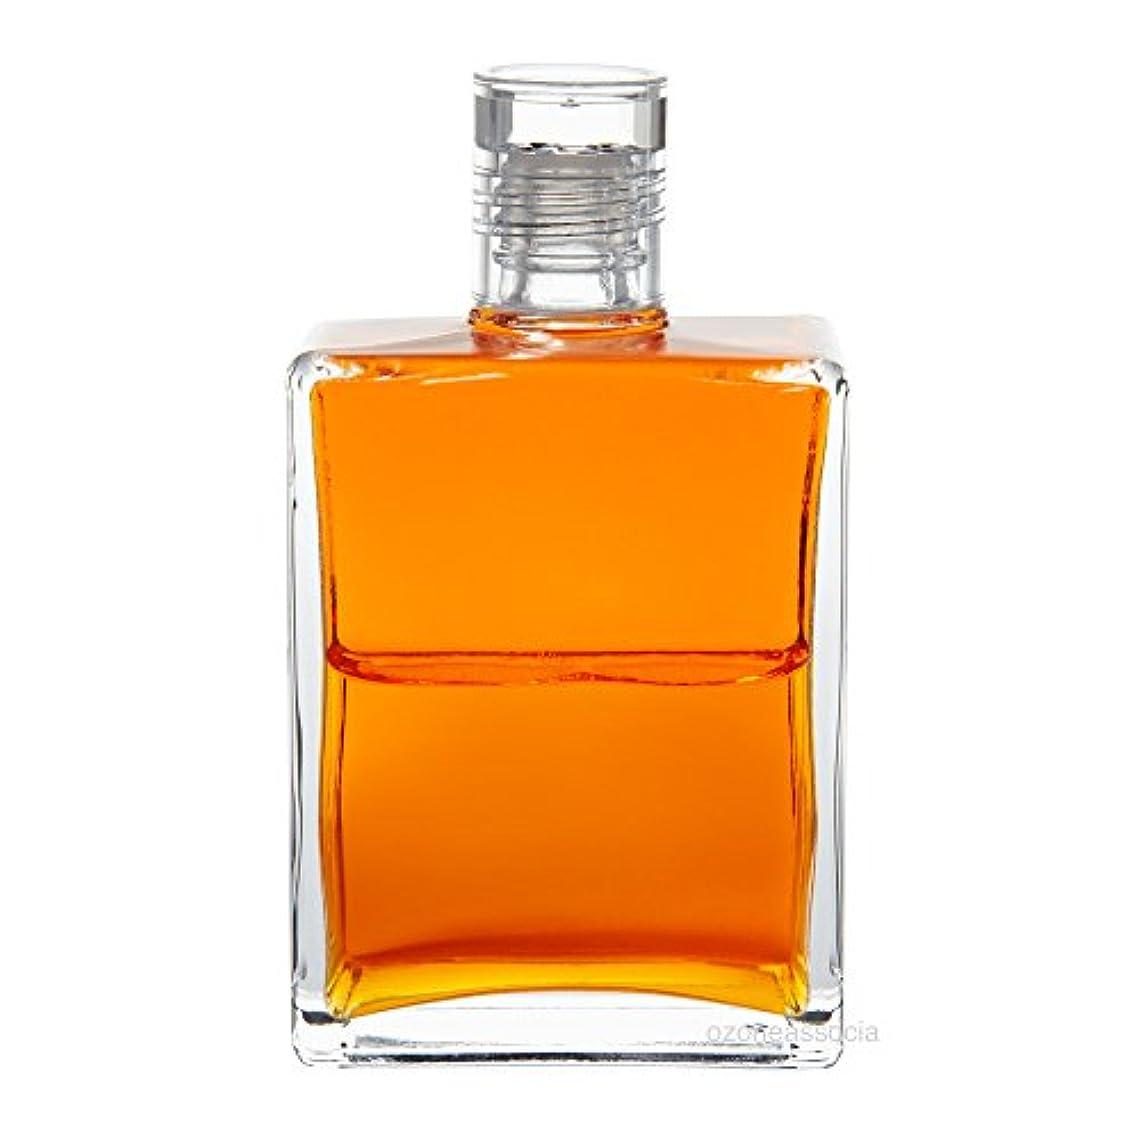 テクニカル哲学者反毒オーラソーマ ボトル 26番  エーテルレスキュー/パンプティ?ダンプティボトル (オレンジ/オレンジ) イクイリブリアムボトル50ml Aurasoma